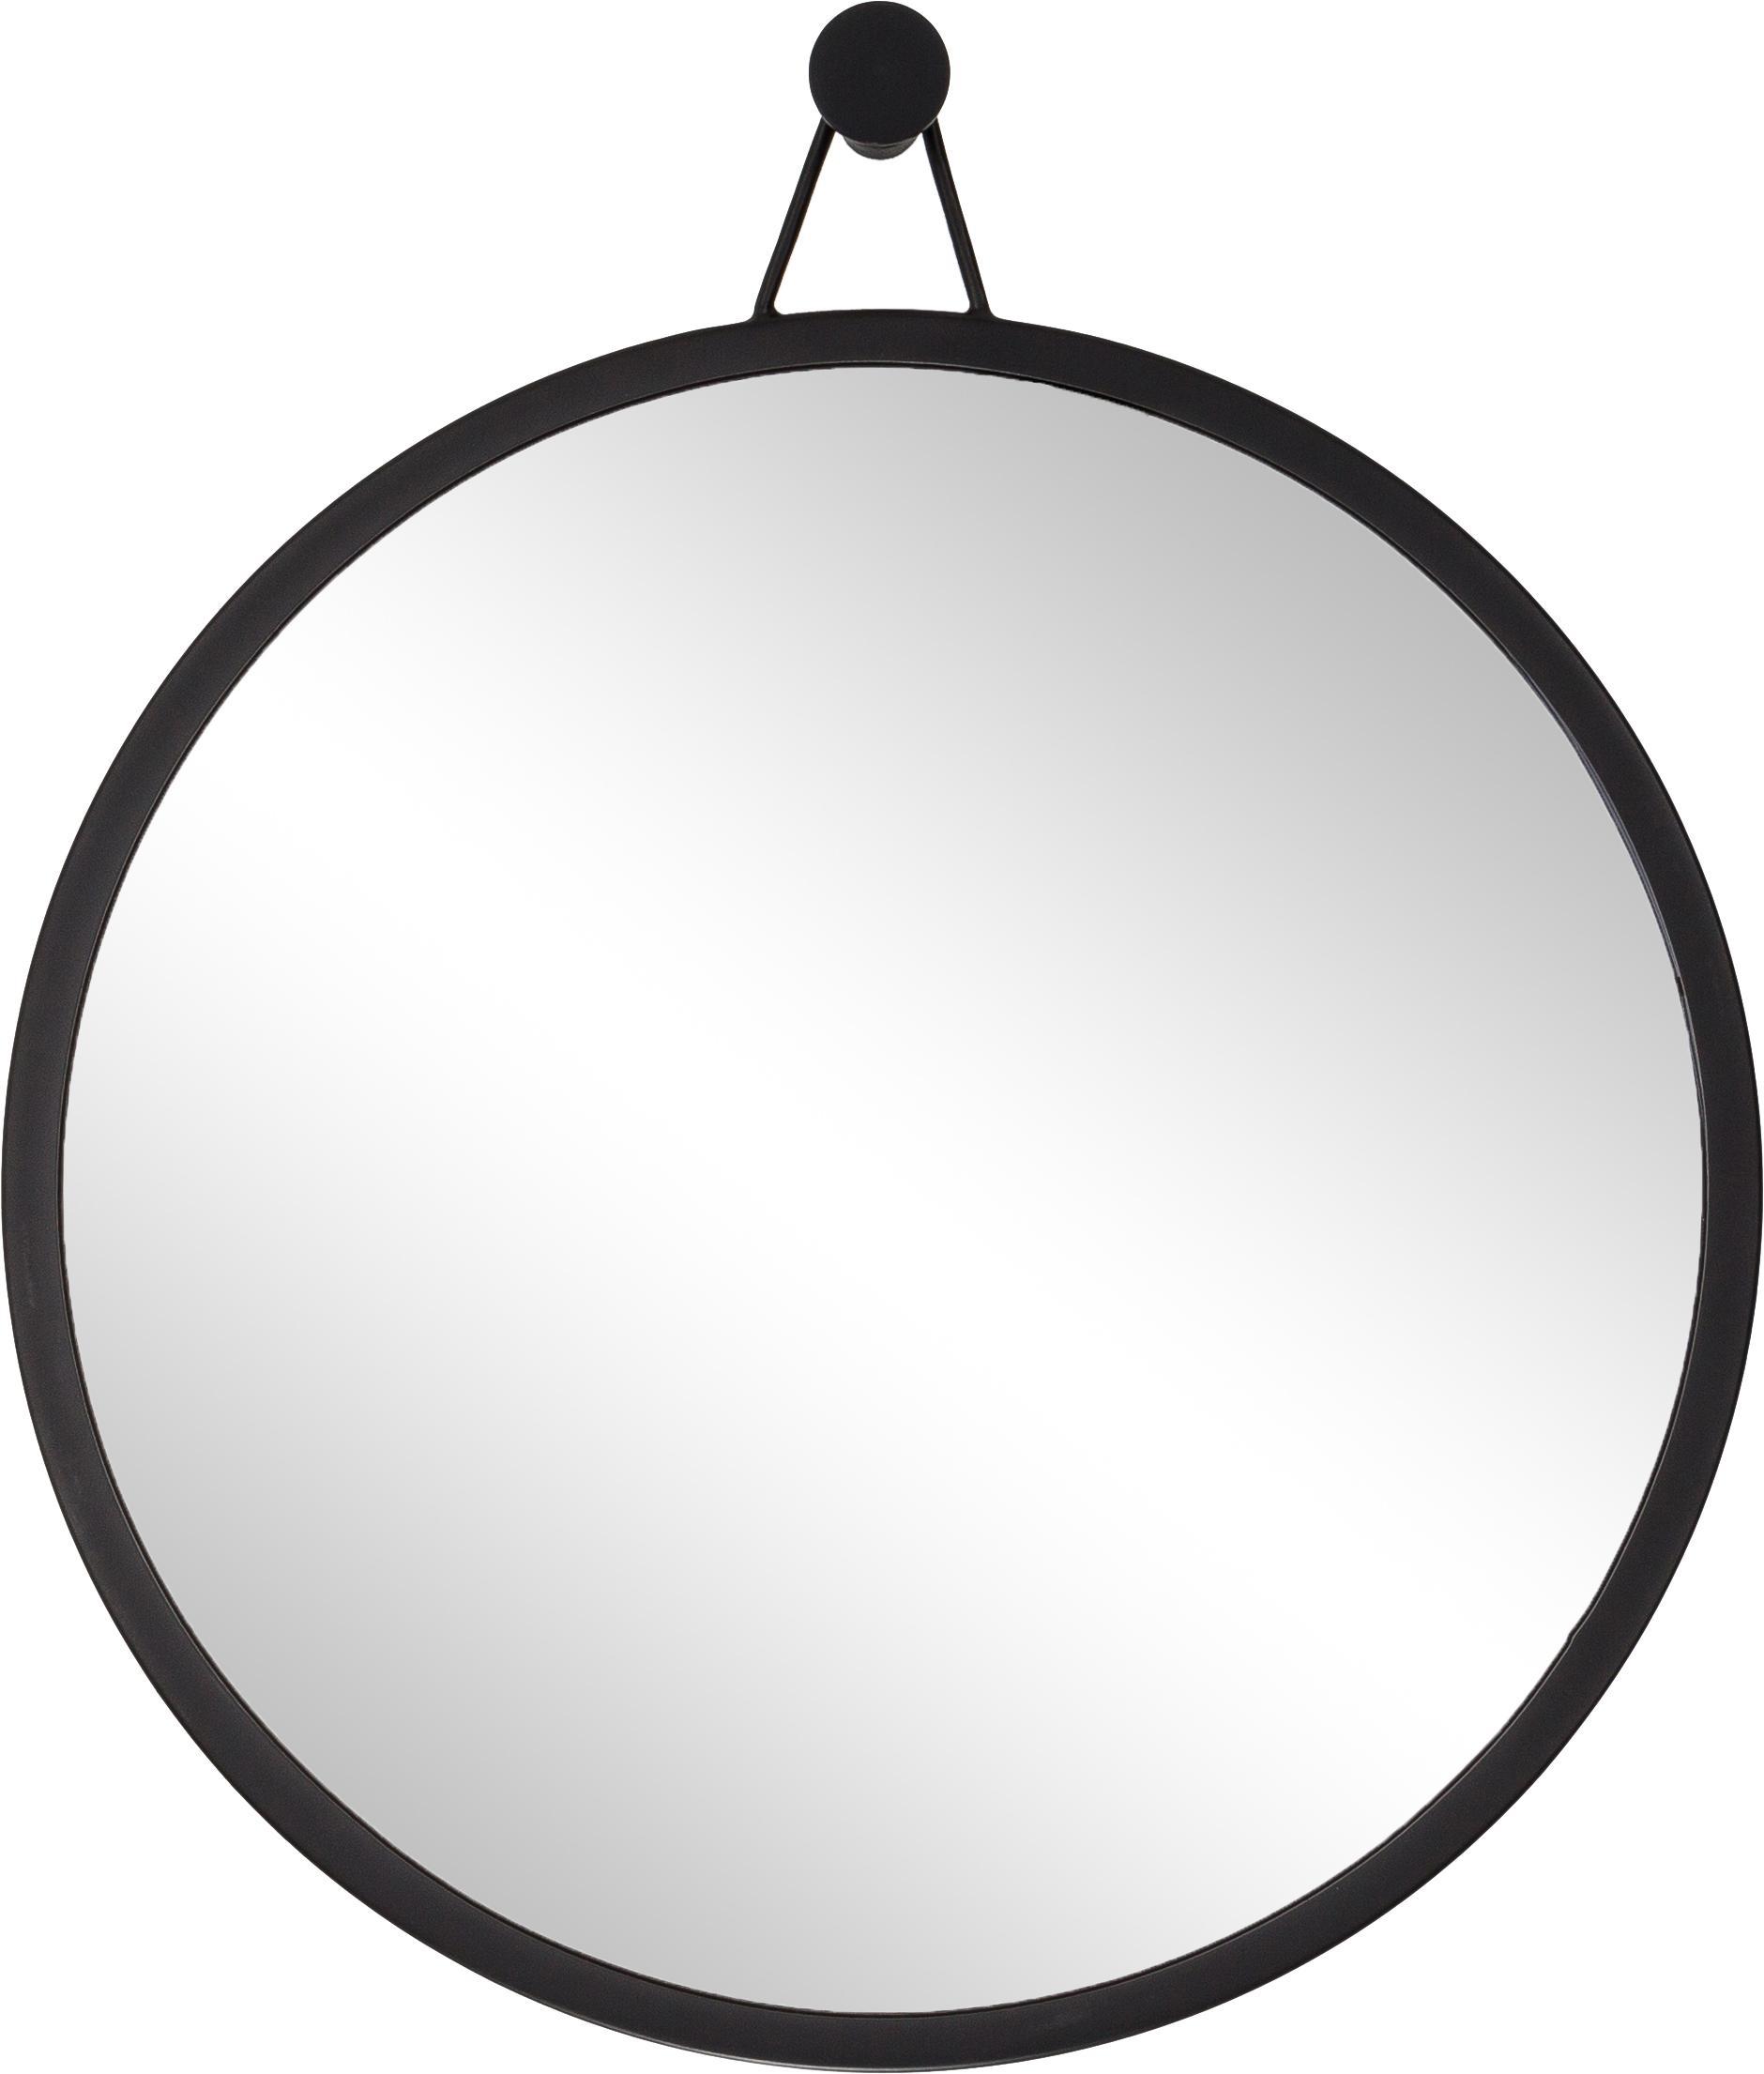 Lustro ścienne Lizzy, Czarny, Ø 60 cm